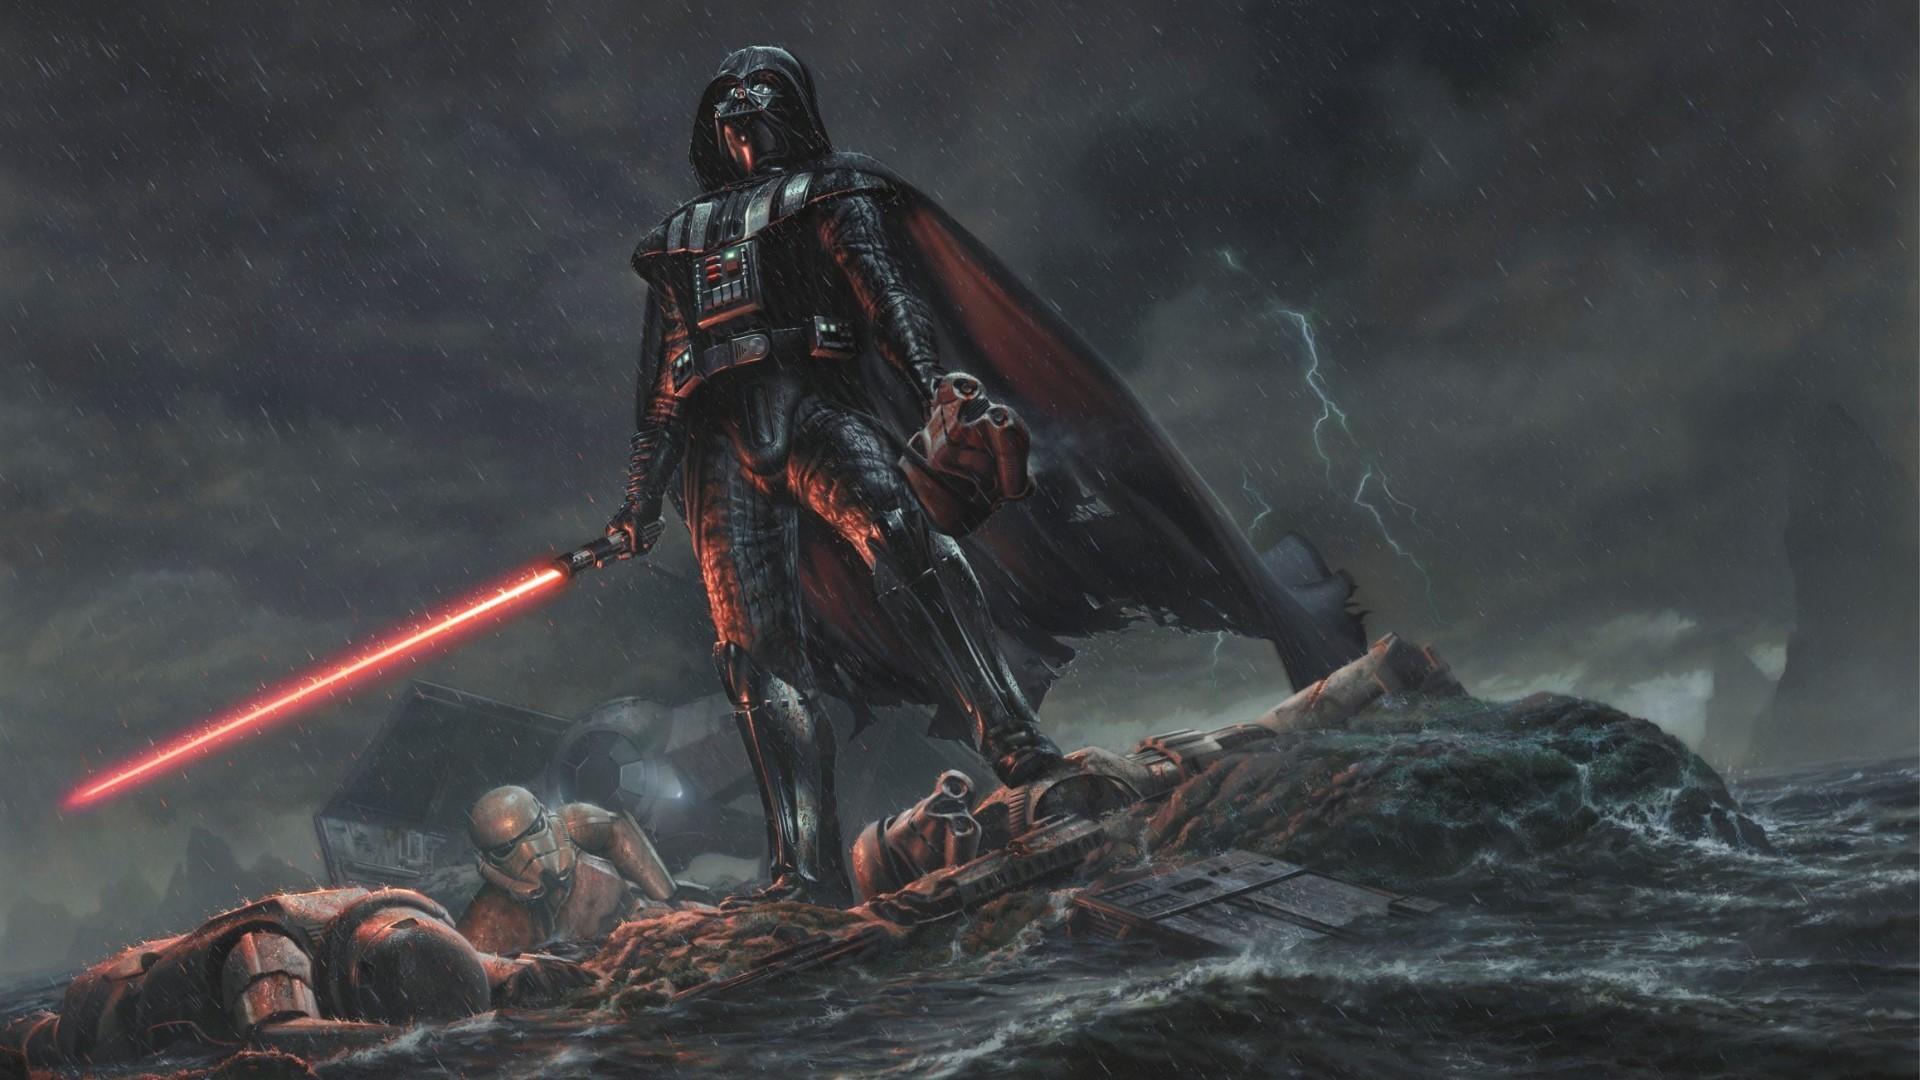 OtherA pretty badass Vader wallpaper I found.